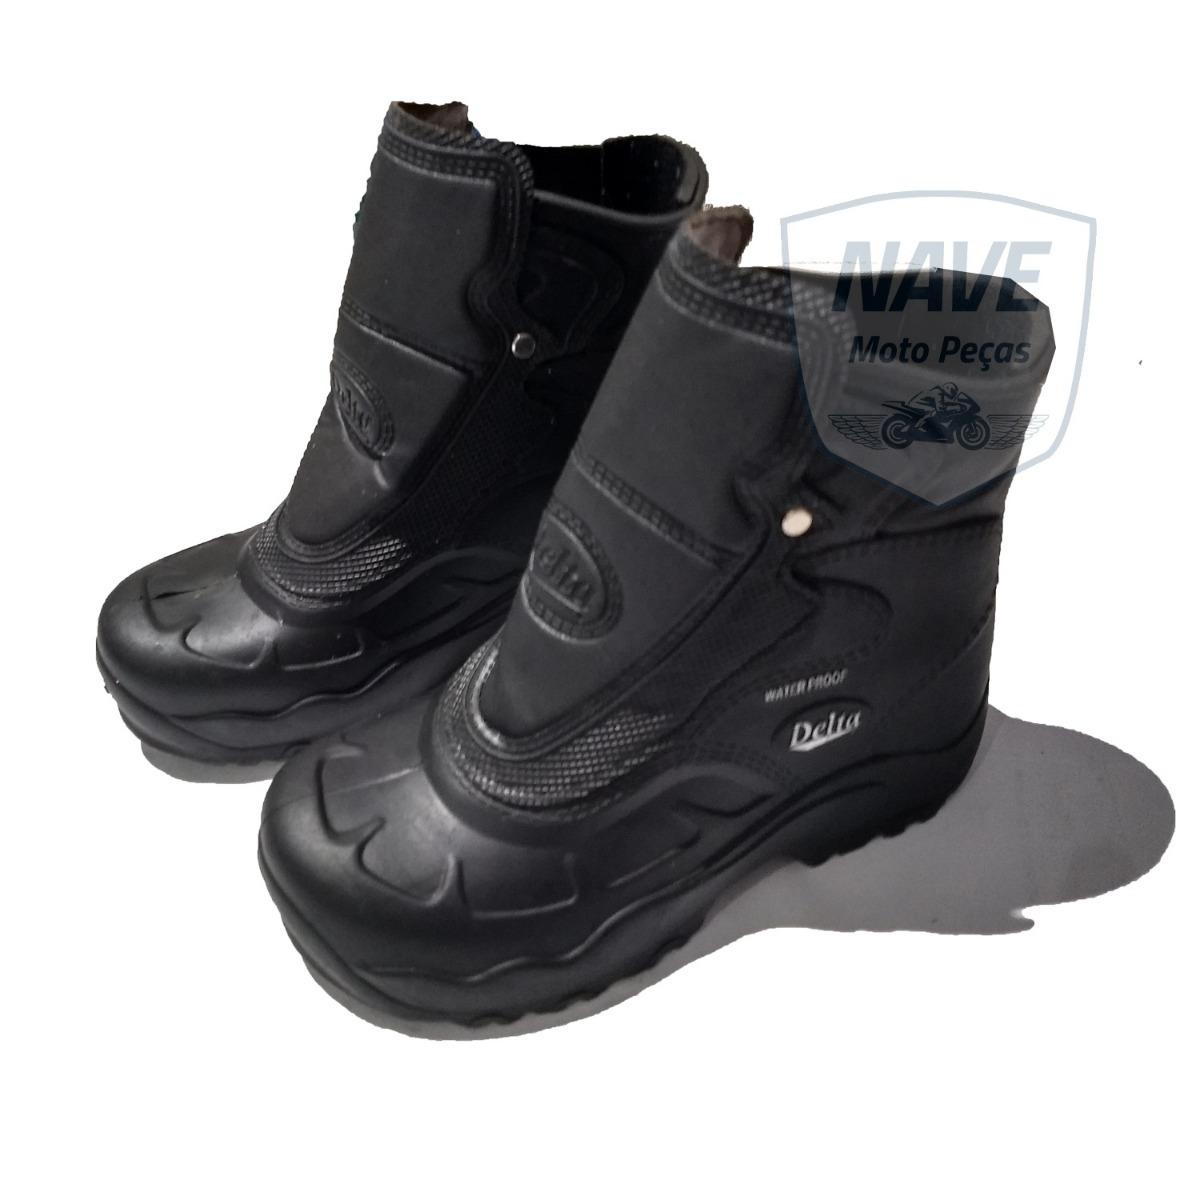 cfe3d298c82 bota motoqueiro delta em borracha 100% impermeável promoção. Carregando  zoom.